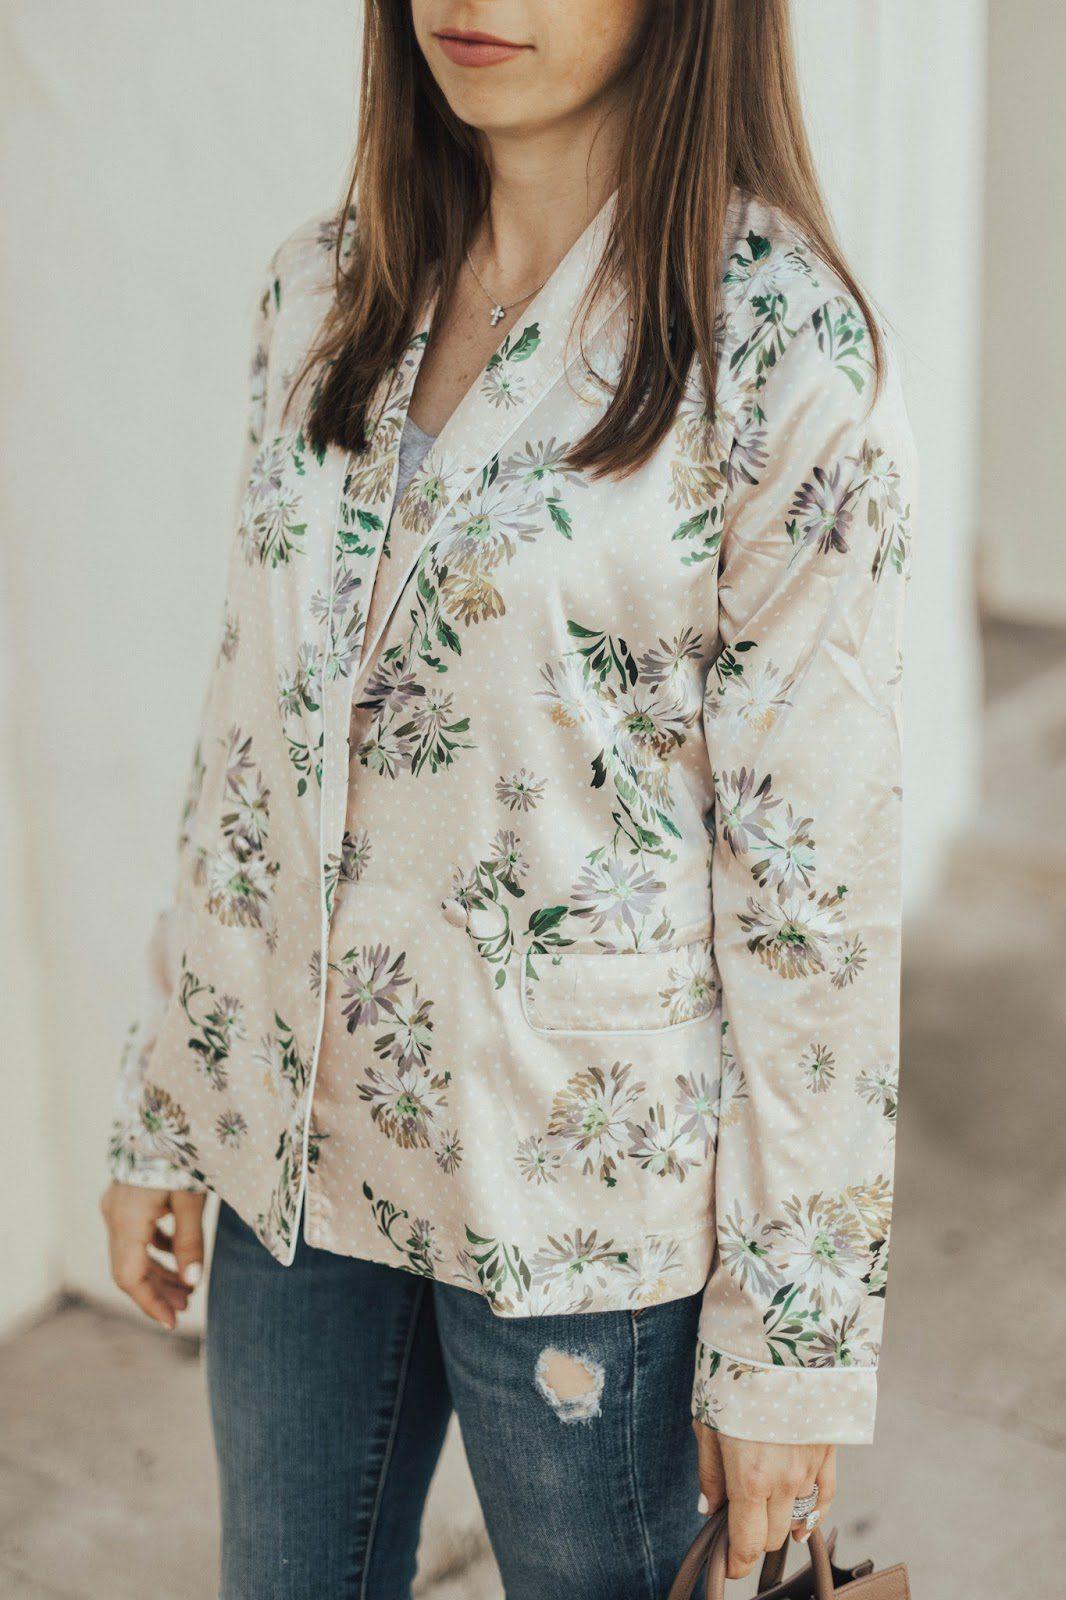 pajama style jacket